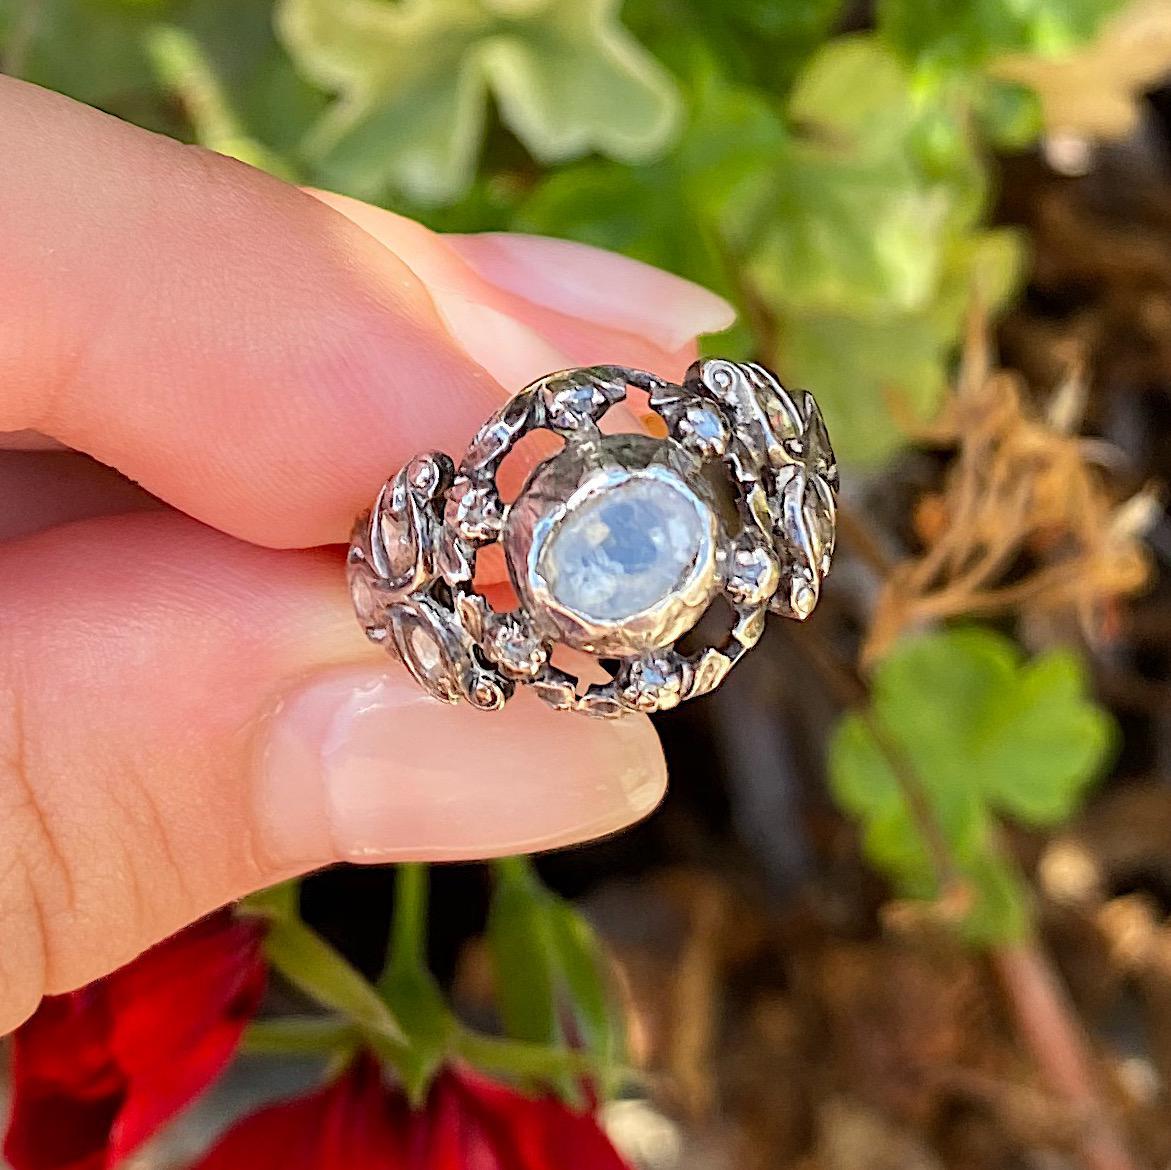 טבעת עתיקה גדולה, זהב 18k וכסף, עם יהלום מרכזי ועוד יהלומים מסביב.